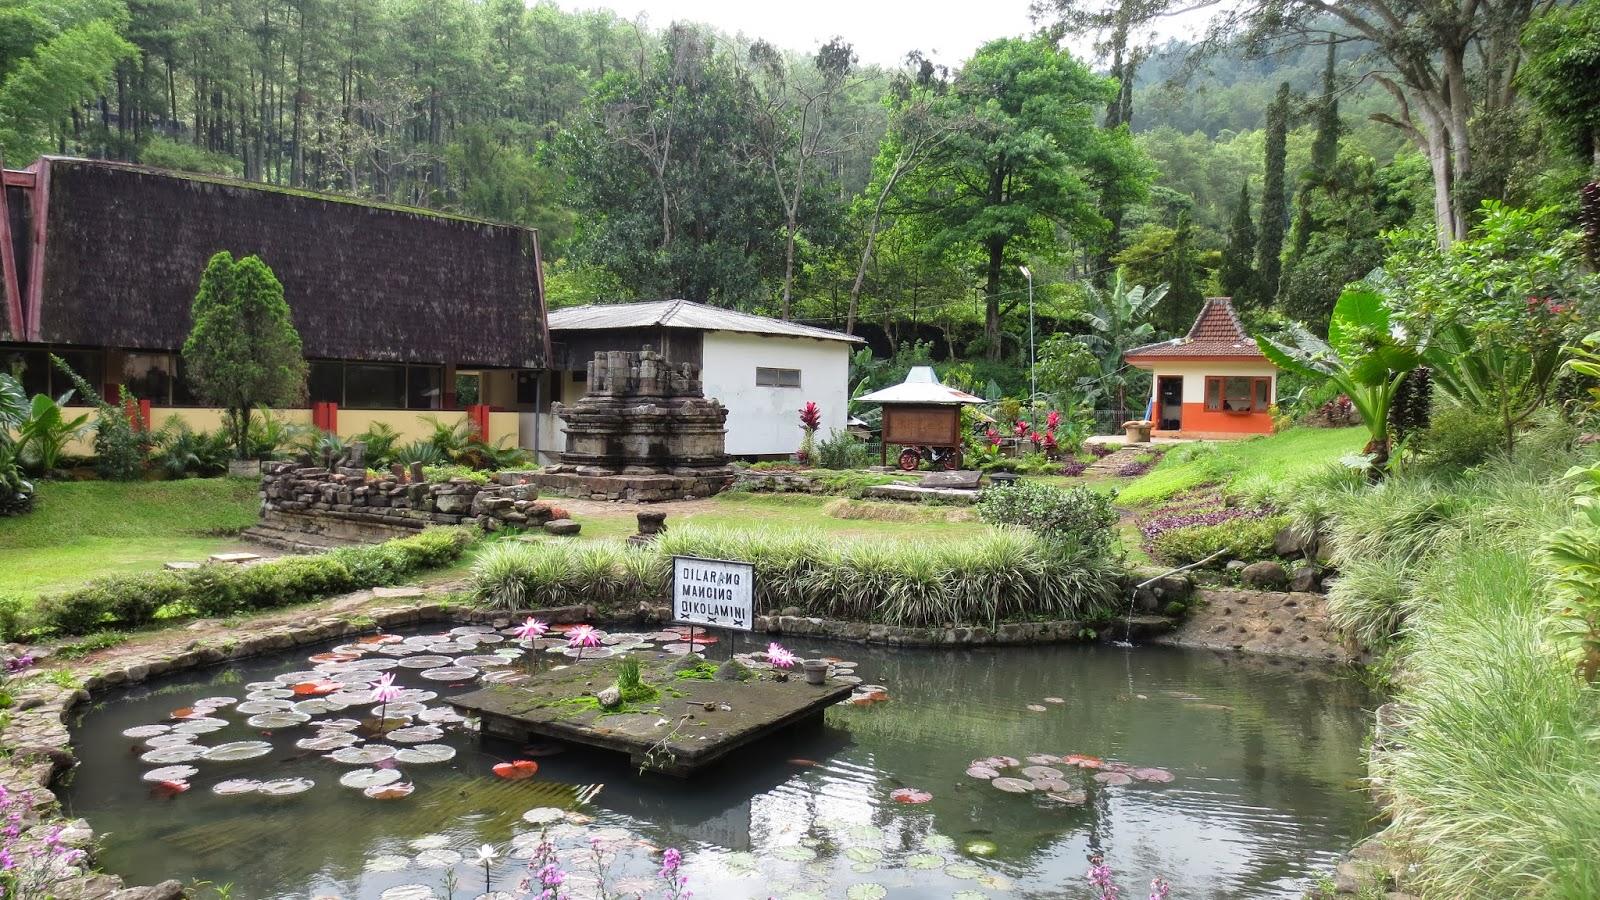 Tiket Masuk Wisata Songgoriti Batu Malang Tempat Jatim Candi Sumber